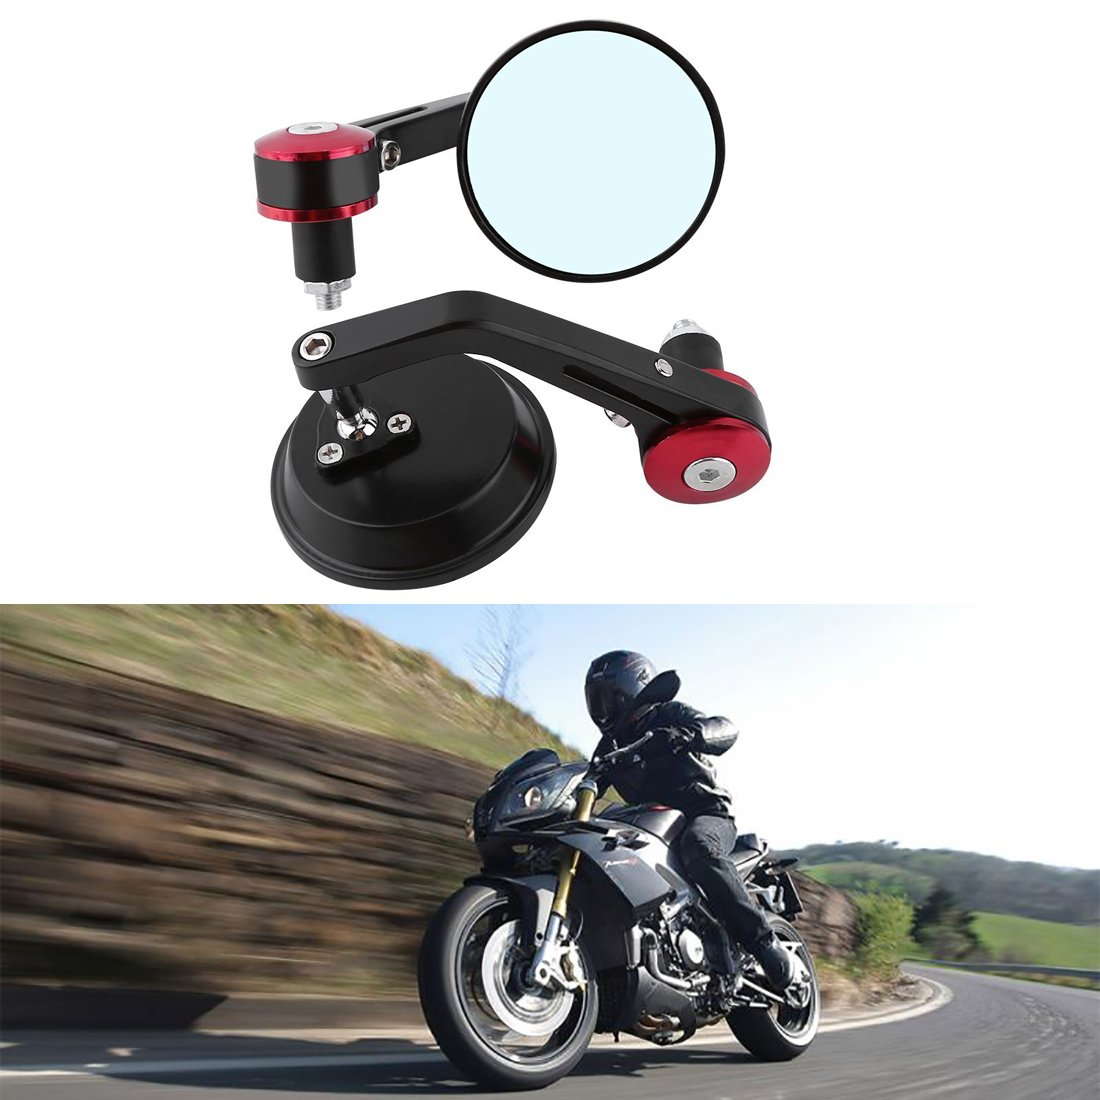 Katur, specchietti retrovisori per moto, universali, per manubrio da 22 mm, in lega di alluminio, forma rotonda, compatibile con Yamaha, Honda, Triumph, Ducati, Suzuki UPC